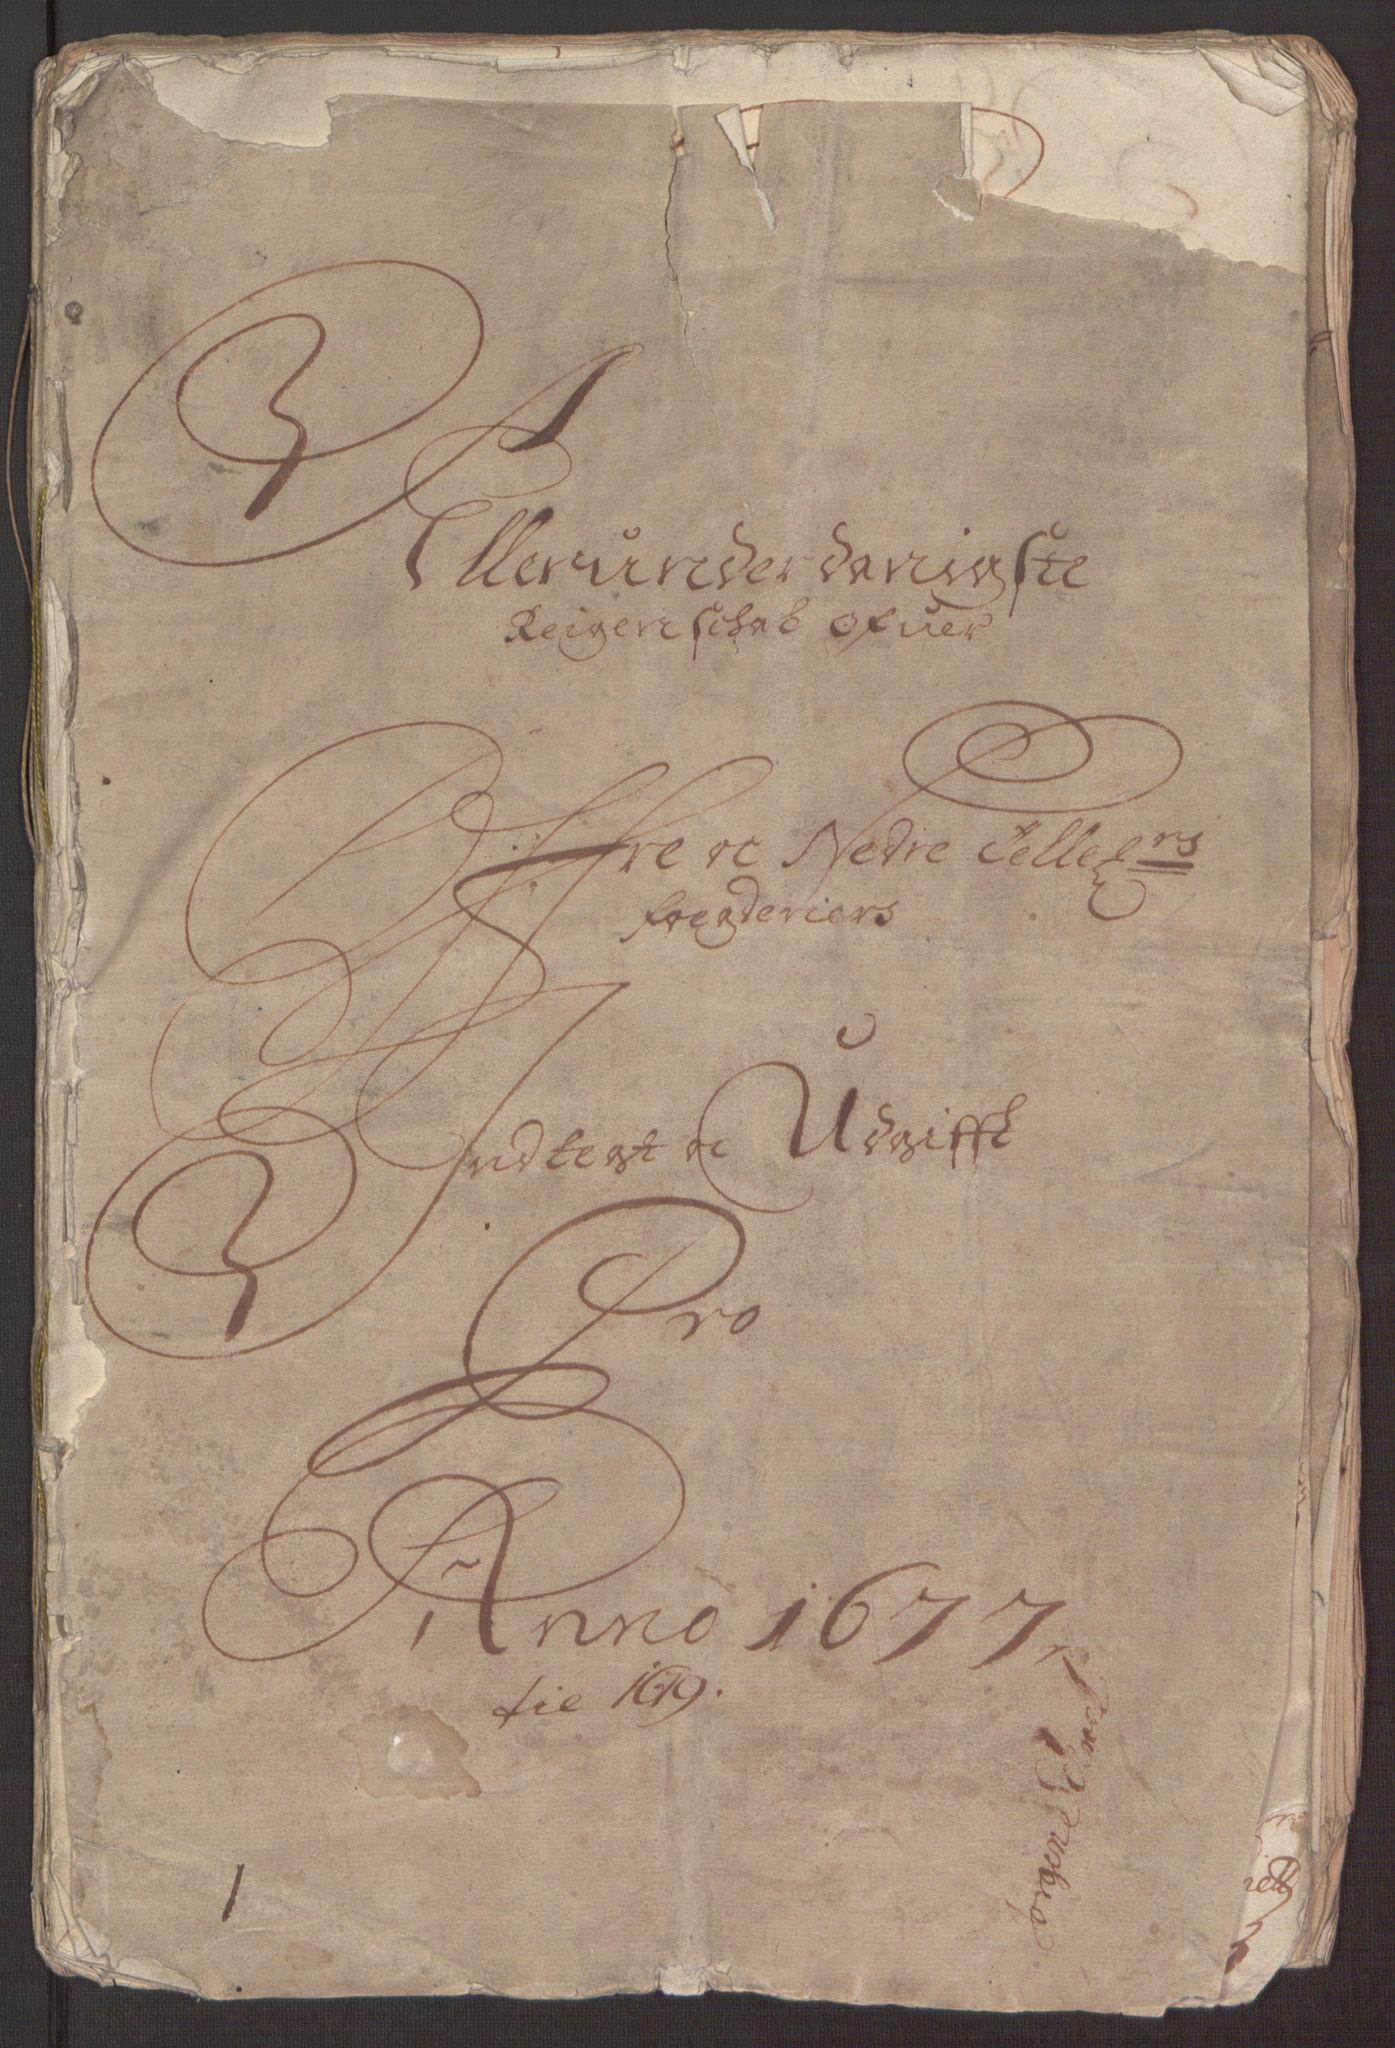 RA, Rentekammeret inntil 1814, Reviderte regnskaper, Fogderegnskap, R35/L2068: Fogderegnskap Øvre og Nedre Telemark, 1677, s. 3